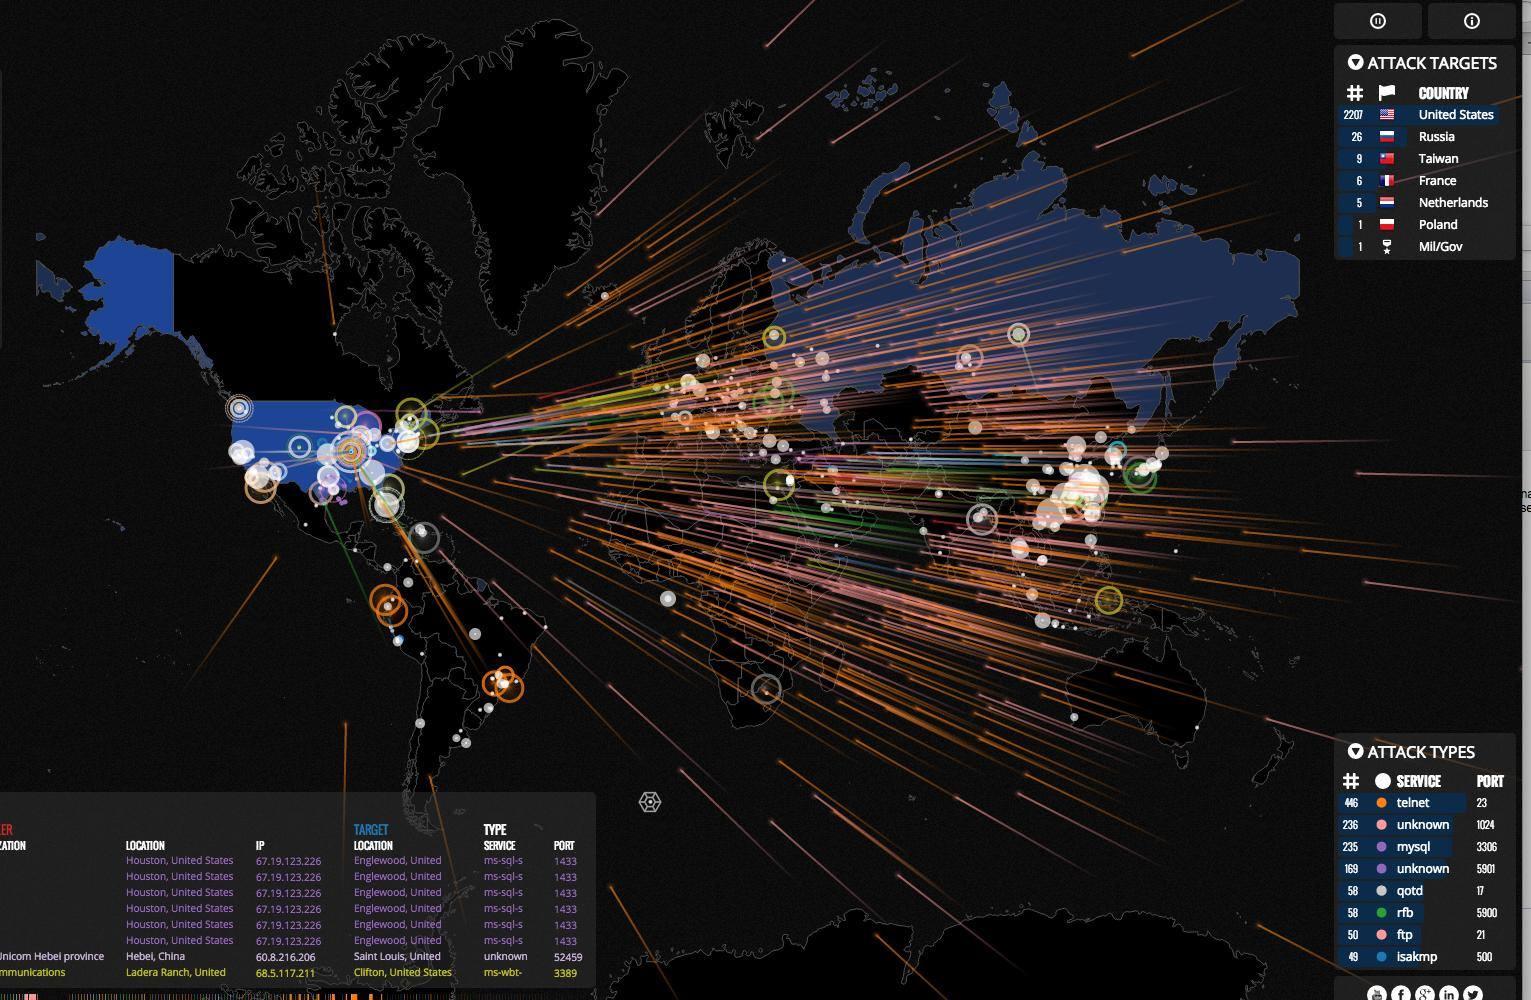 NORSE: Rastrea todos los ataques de Hackers en Vivo